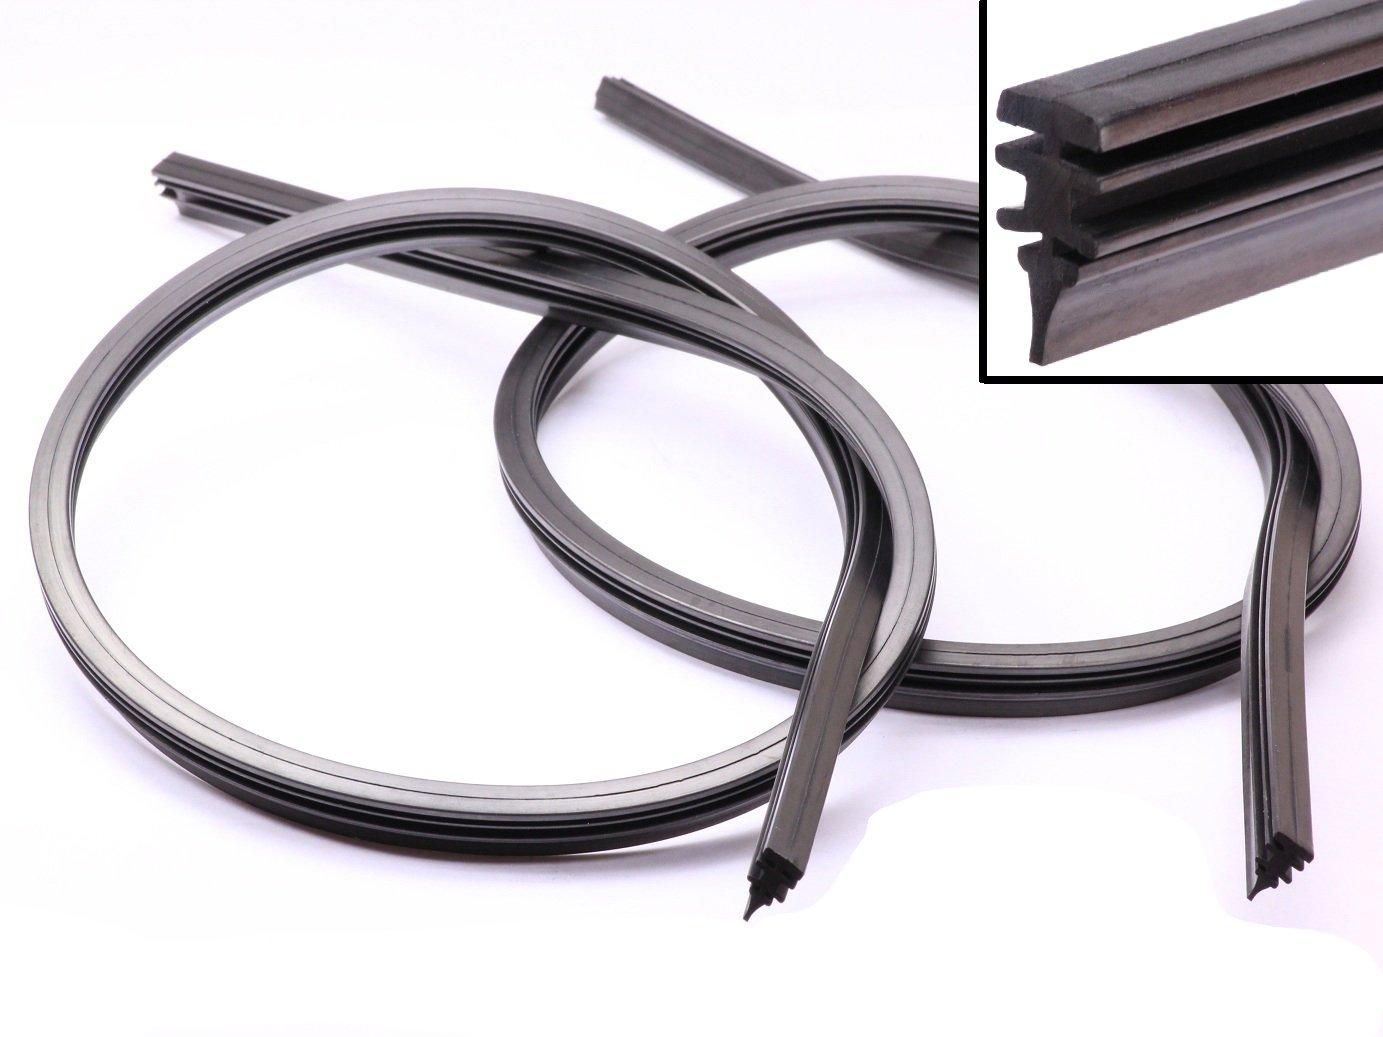 Handycop® 2 x 700mm Ersatz Gummi für Bosch Aerotwin Scheibenwischer 70cm Wischergummi Neu Handycop®